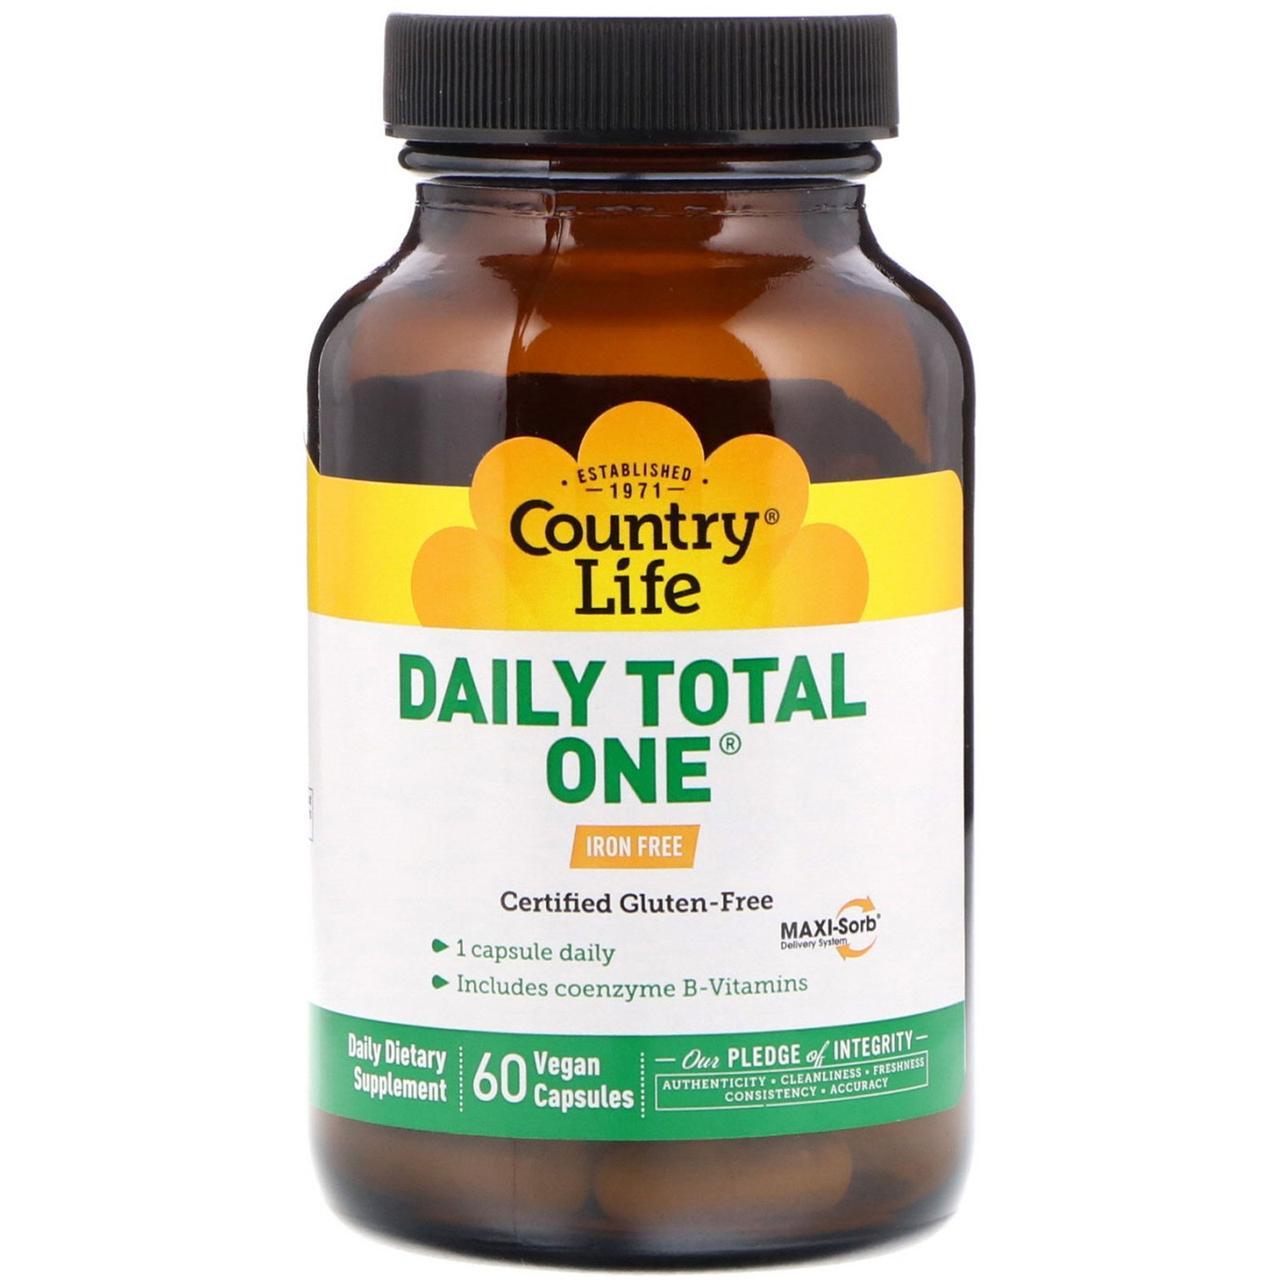 Ежедневный комплекс мультивитаминов и минералов от Country Life, без железа, 60 вегетарианских капсул